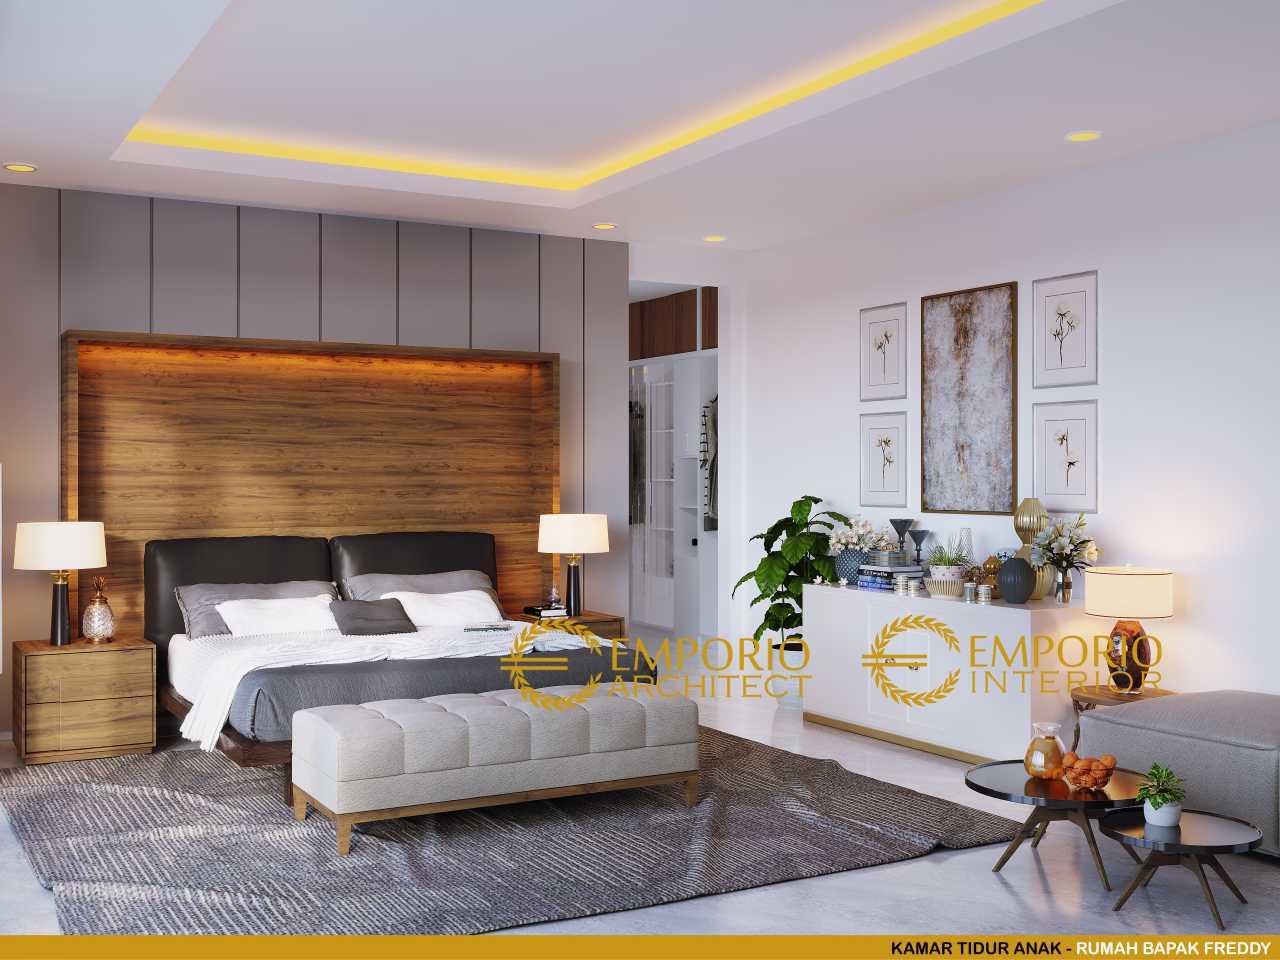 10 Ide Desain Interior Kamar Tidur Ala Resort Mewah Di Bali Part 1